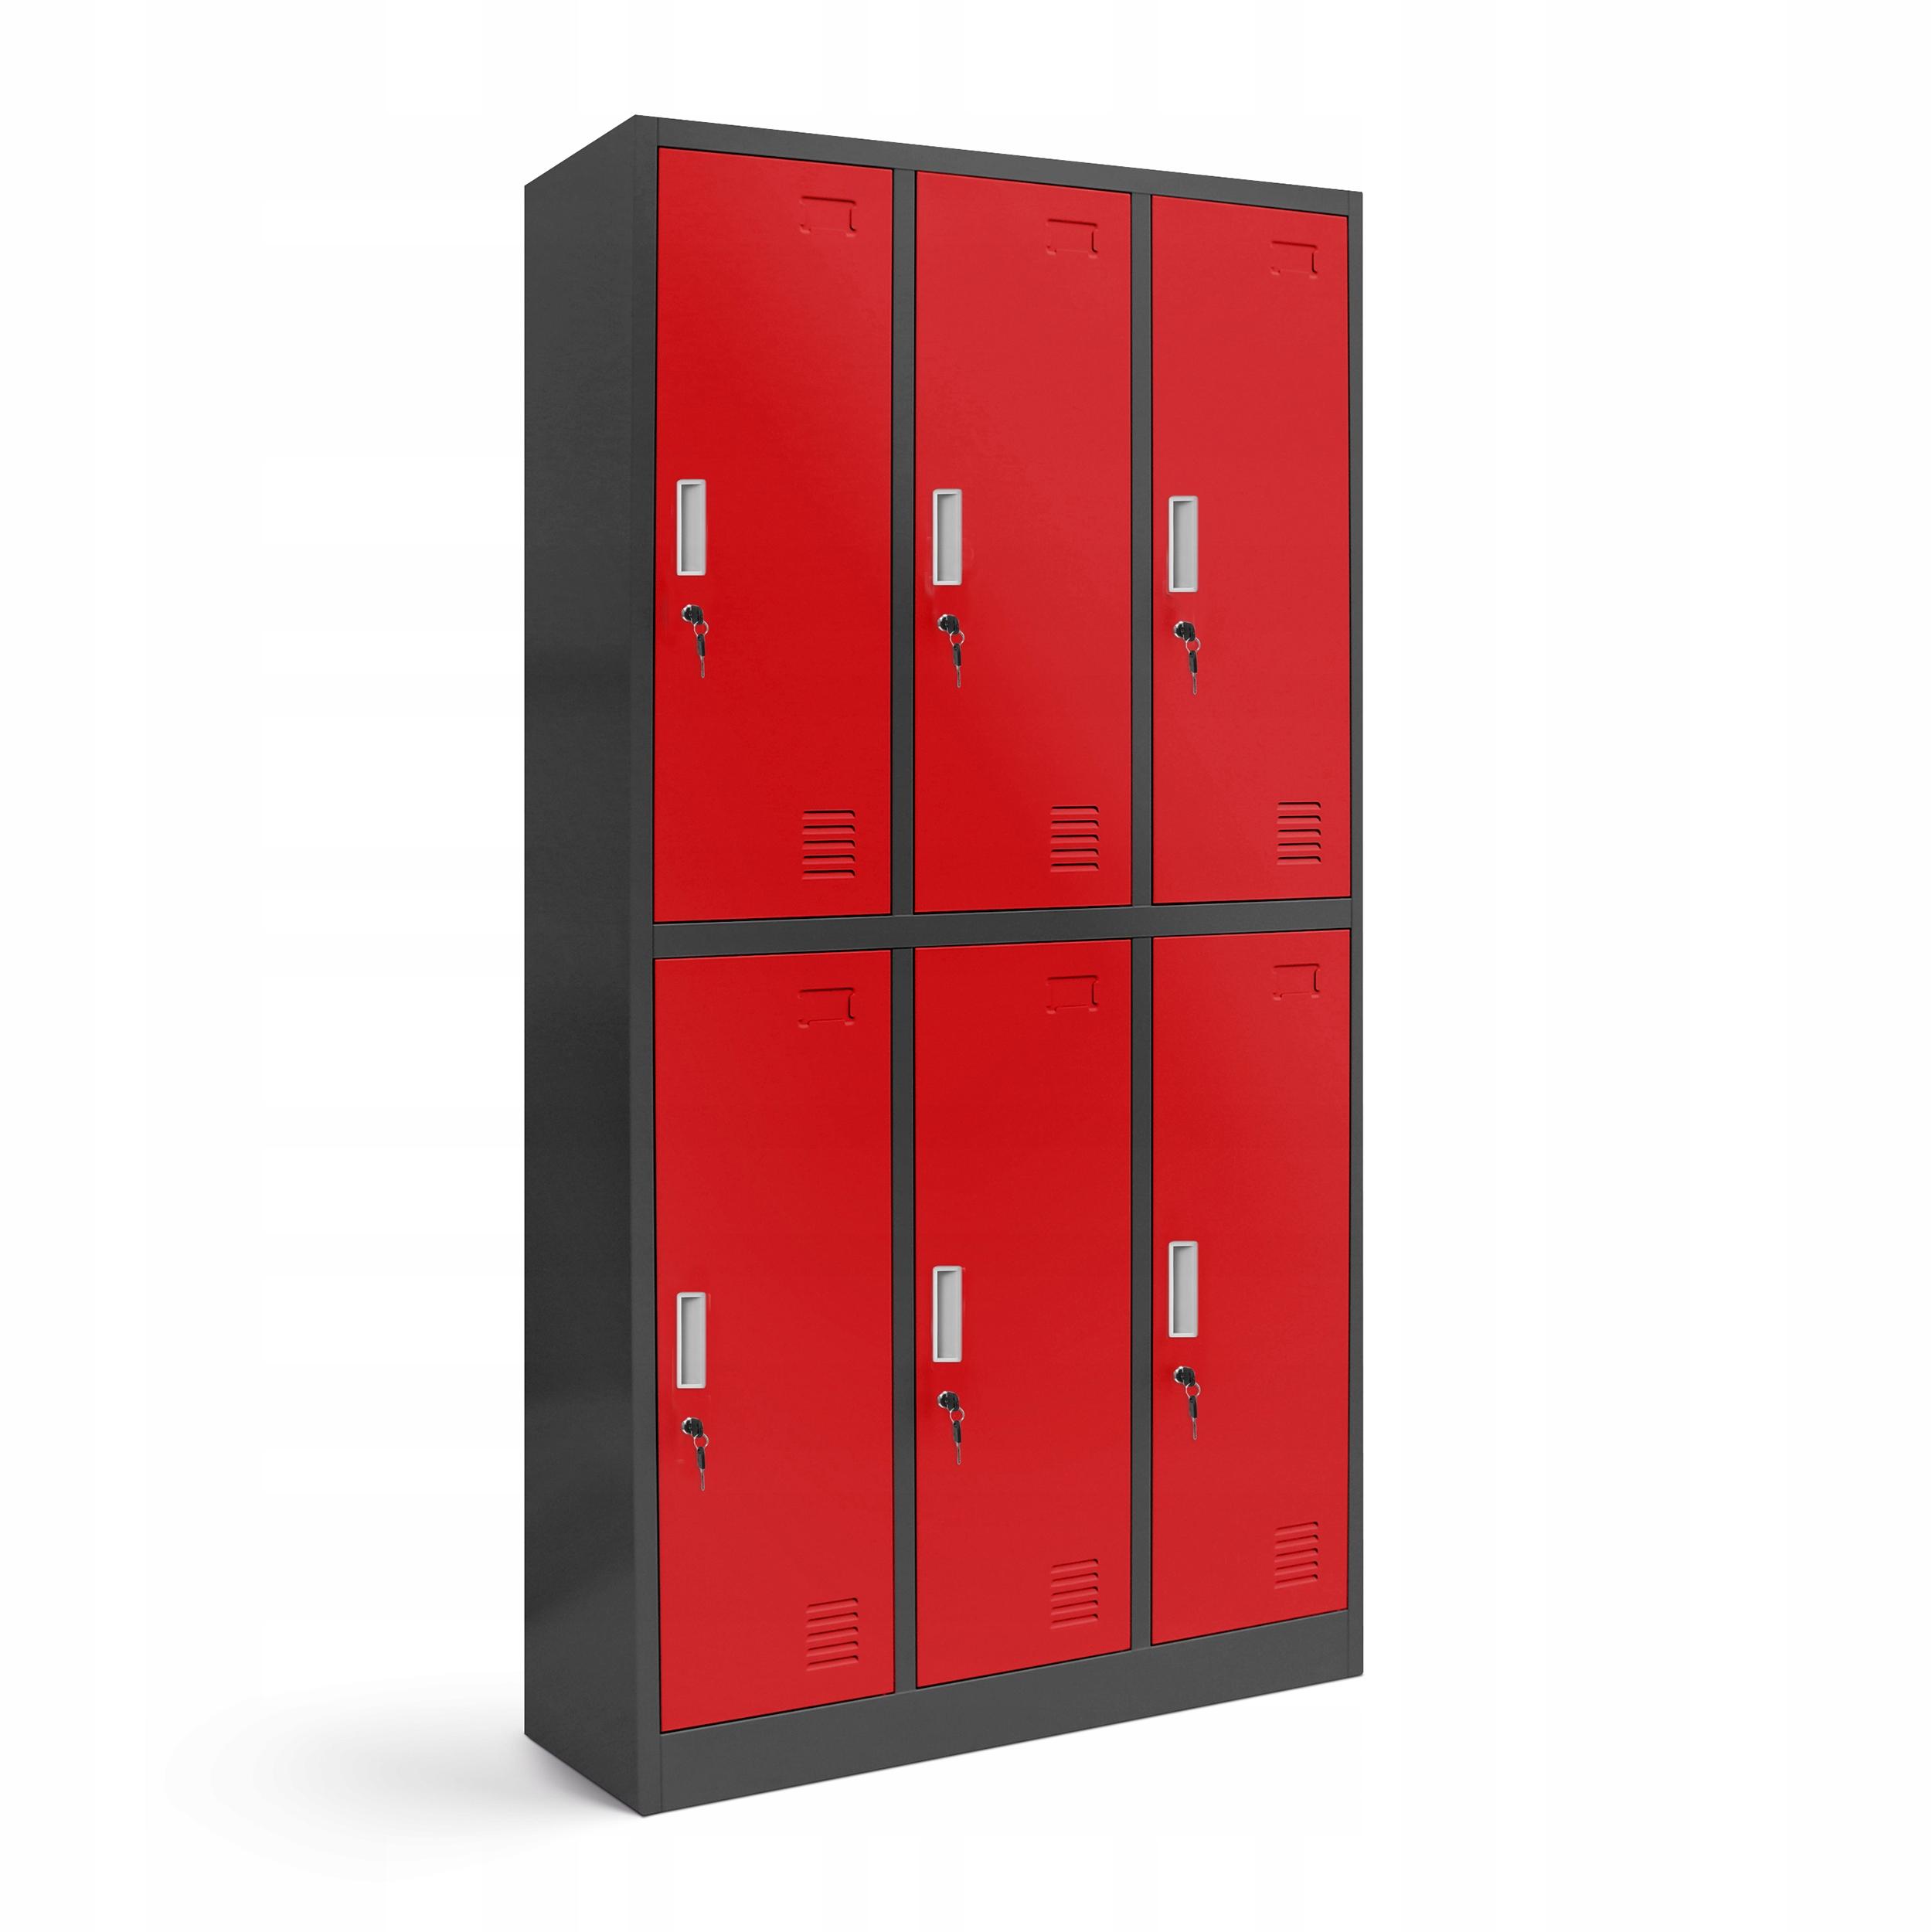 Металлический шкафчик для одежды для здоровья и безопасности